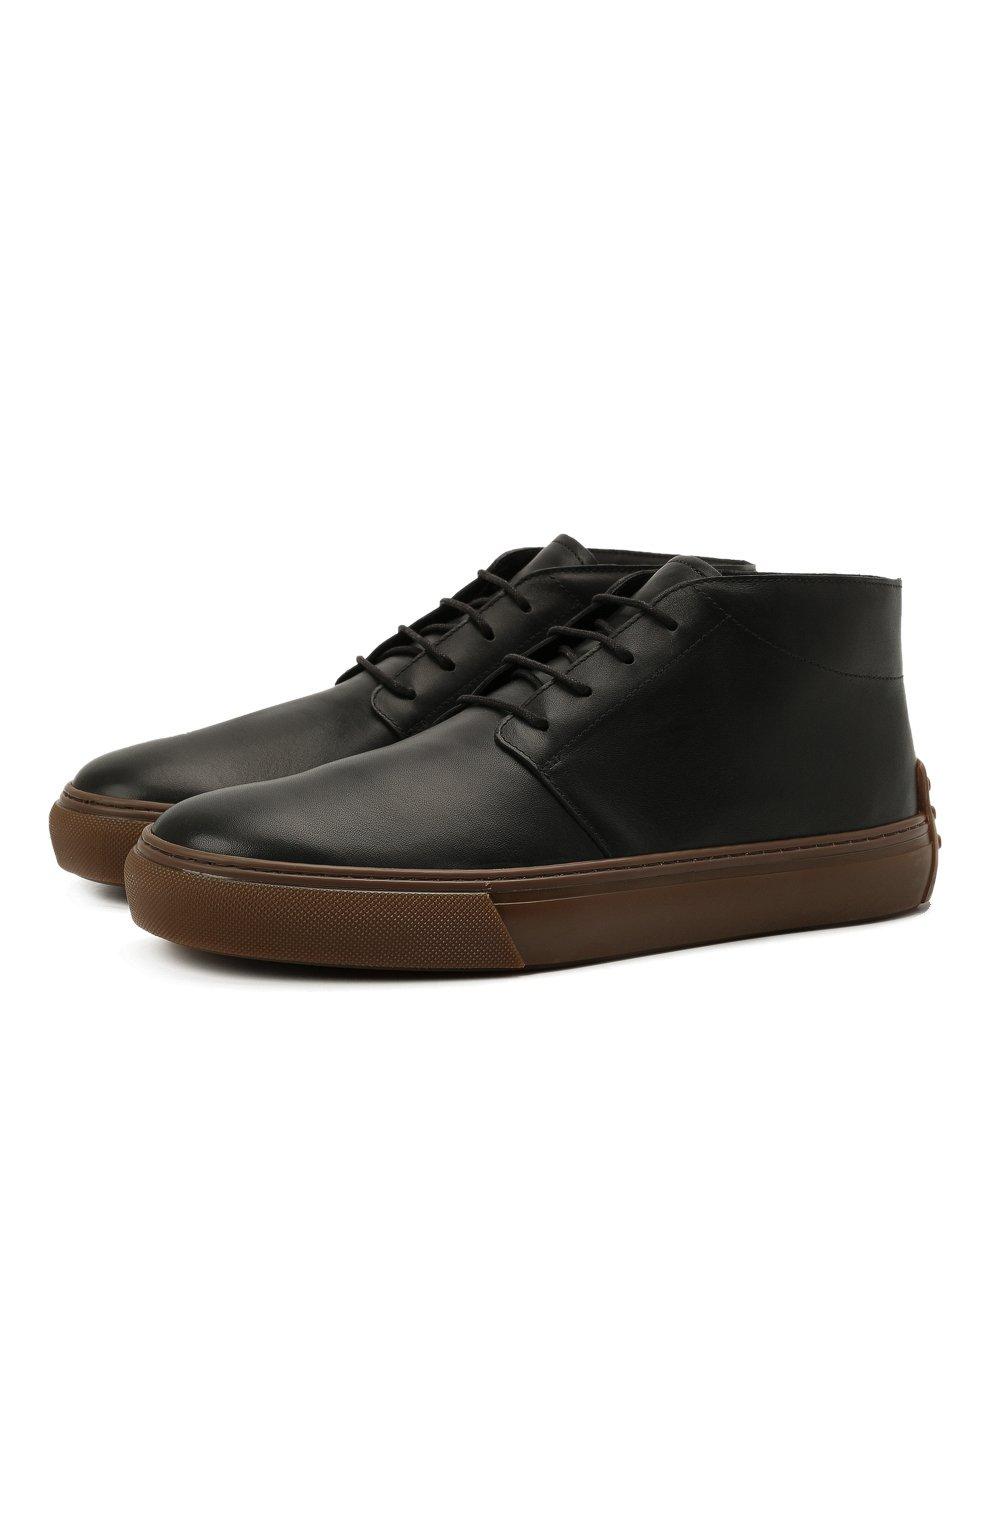 Мужские кожаные ботинки TOD'S черного цвета, арт. XXM03E0EA50JUS | Фото 1 (Мужское Кросс-КТ: Ботинки-обувь, Дезерты-обувь; Материал внутренний: Натуральная кожа; Подошва: Массивная)